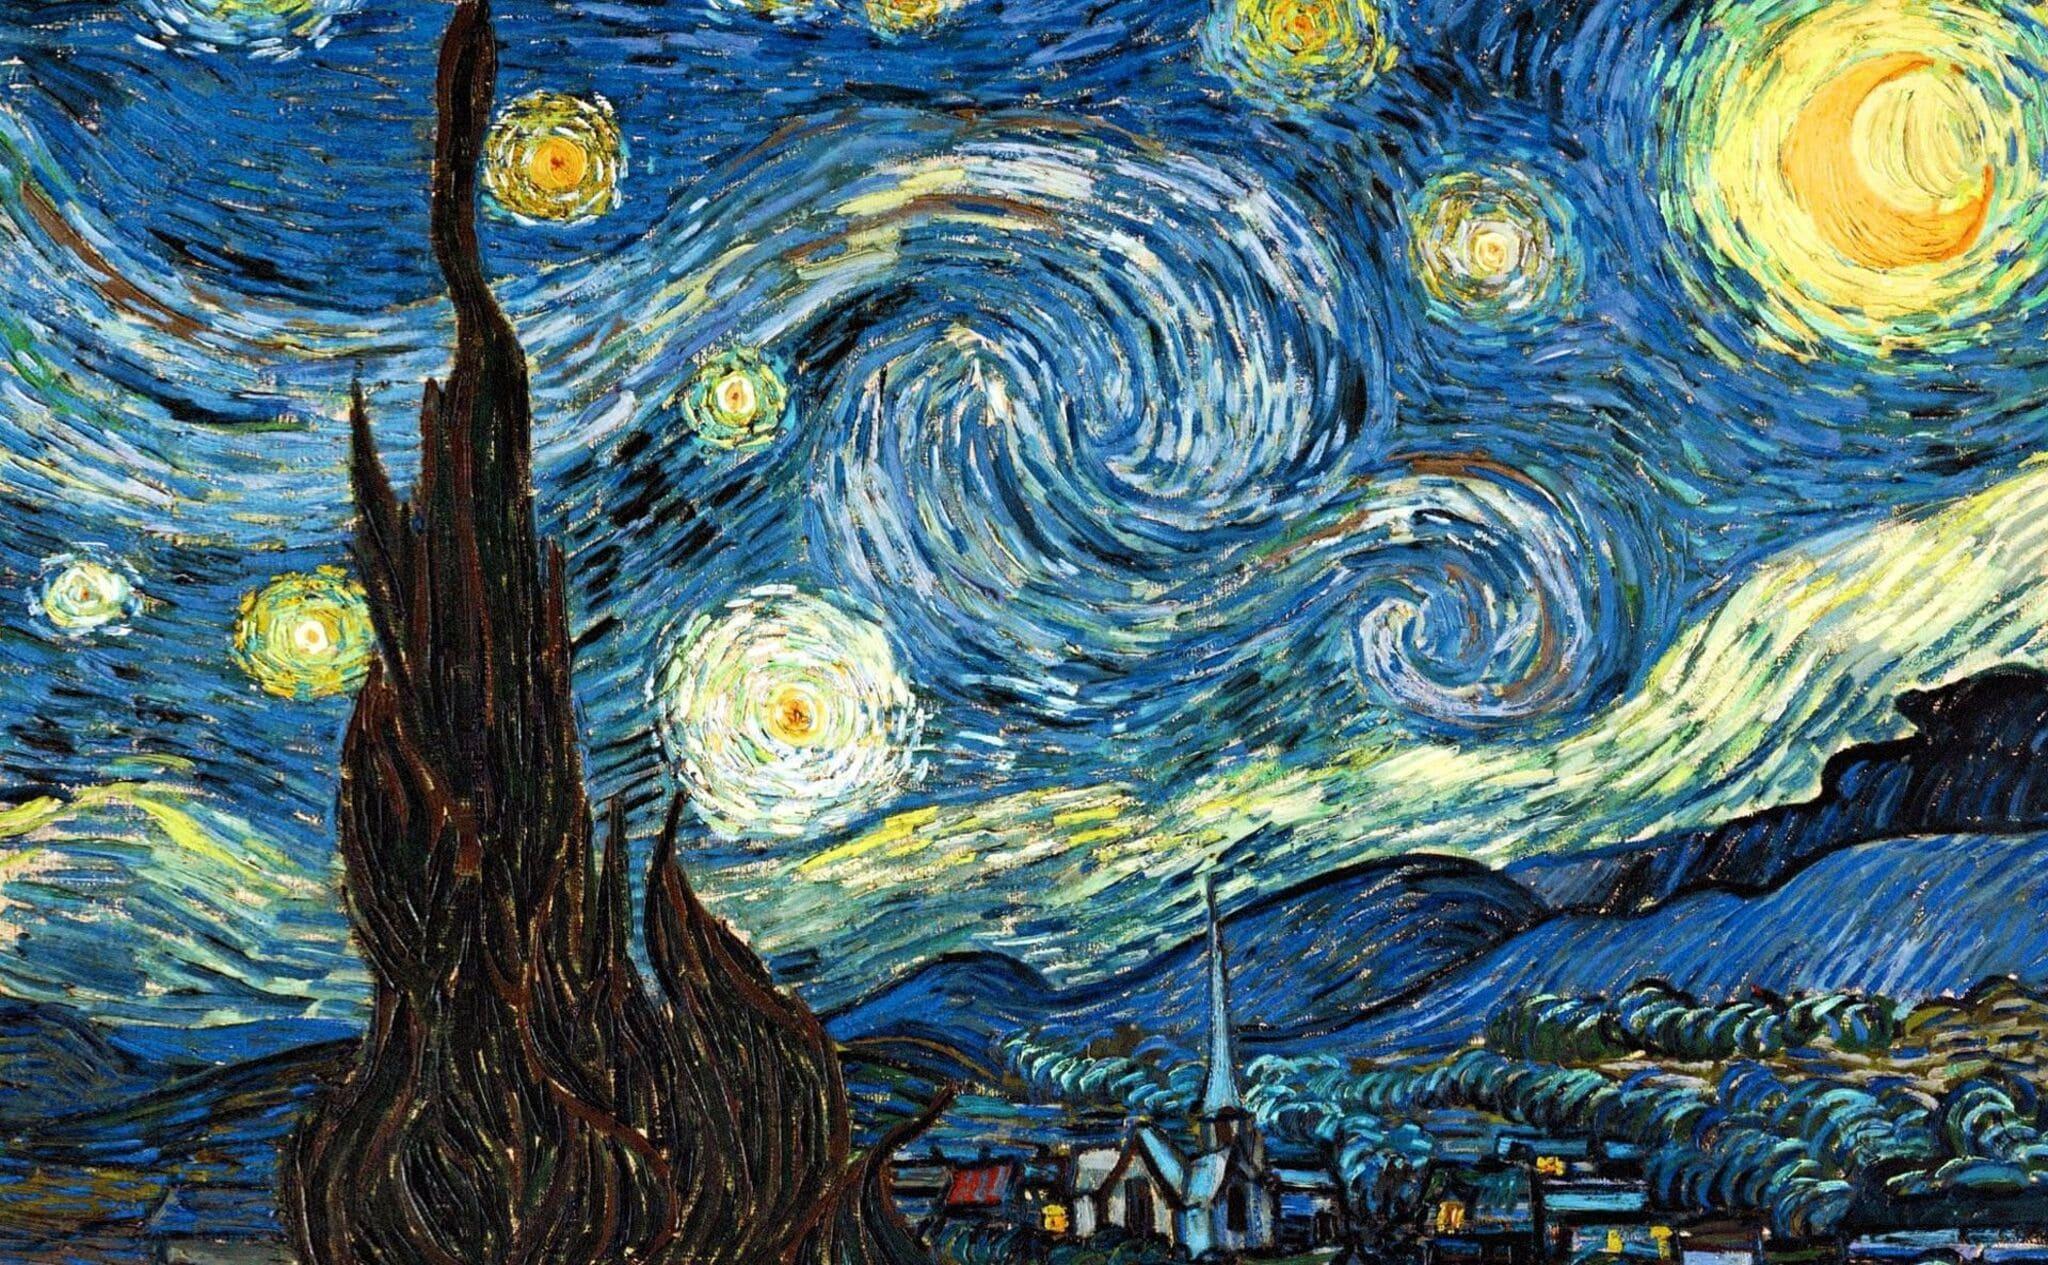 Noche estrellada de Van Gogh. La locura ante las estrellas. Trama de Anochecer.